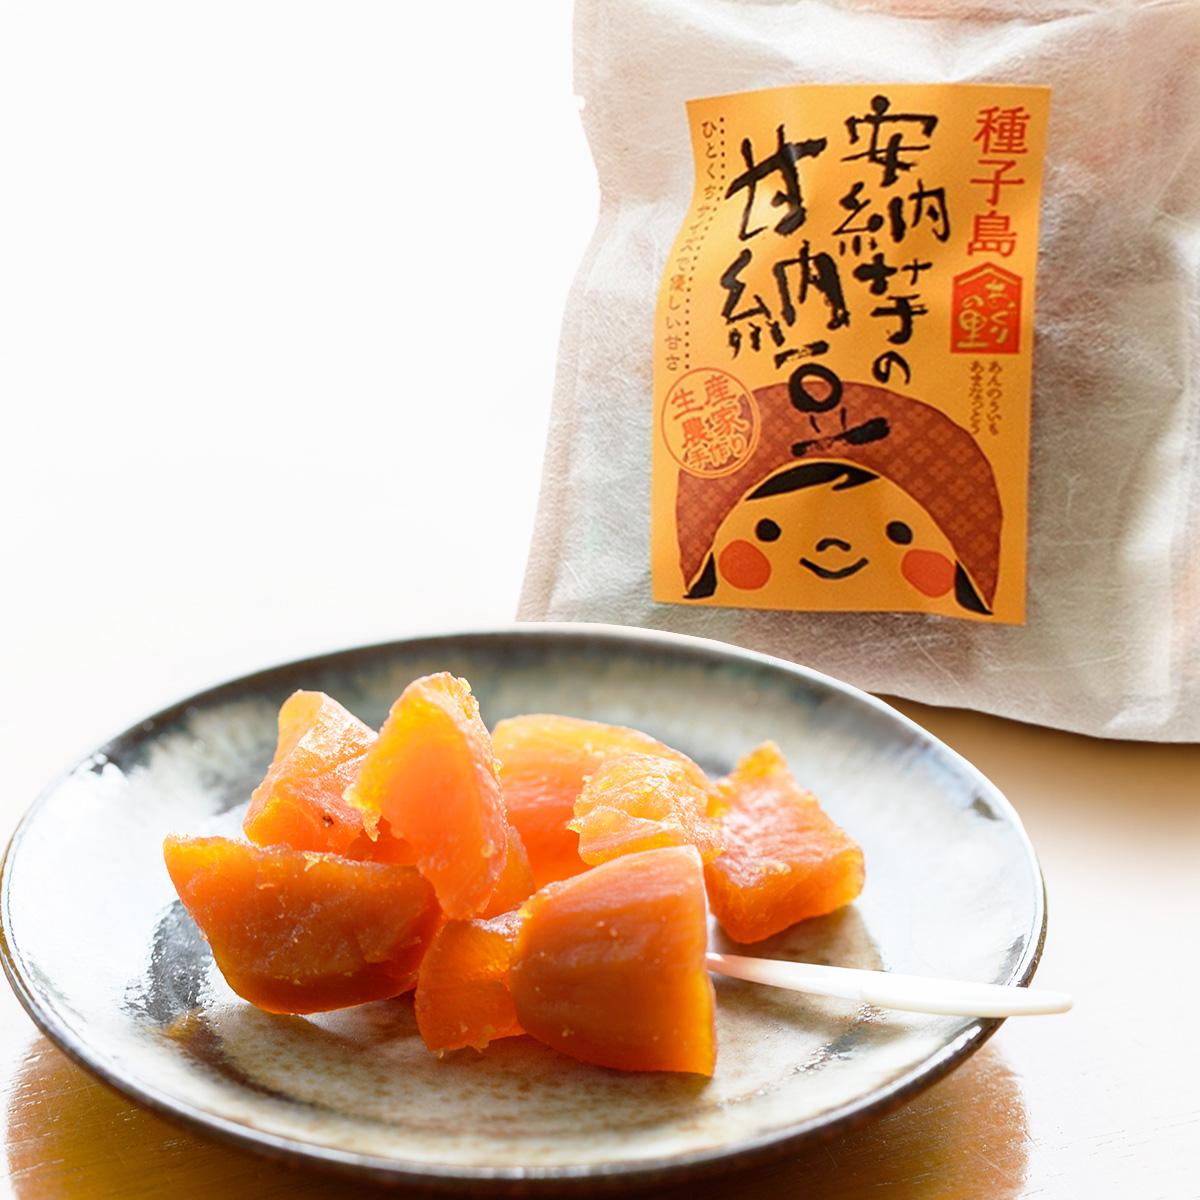 房子さんの「あとひく甘納豆(安納芋)」〔60g×6袋〕